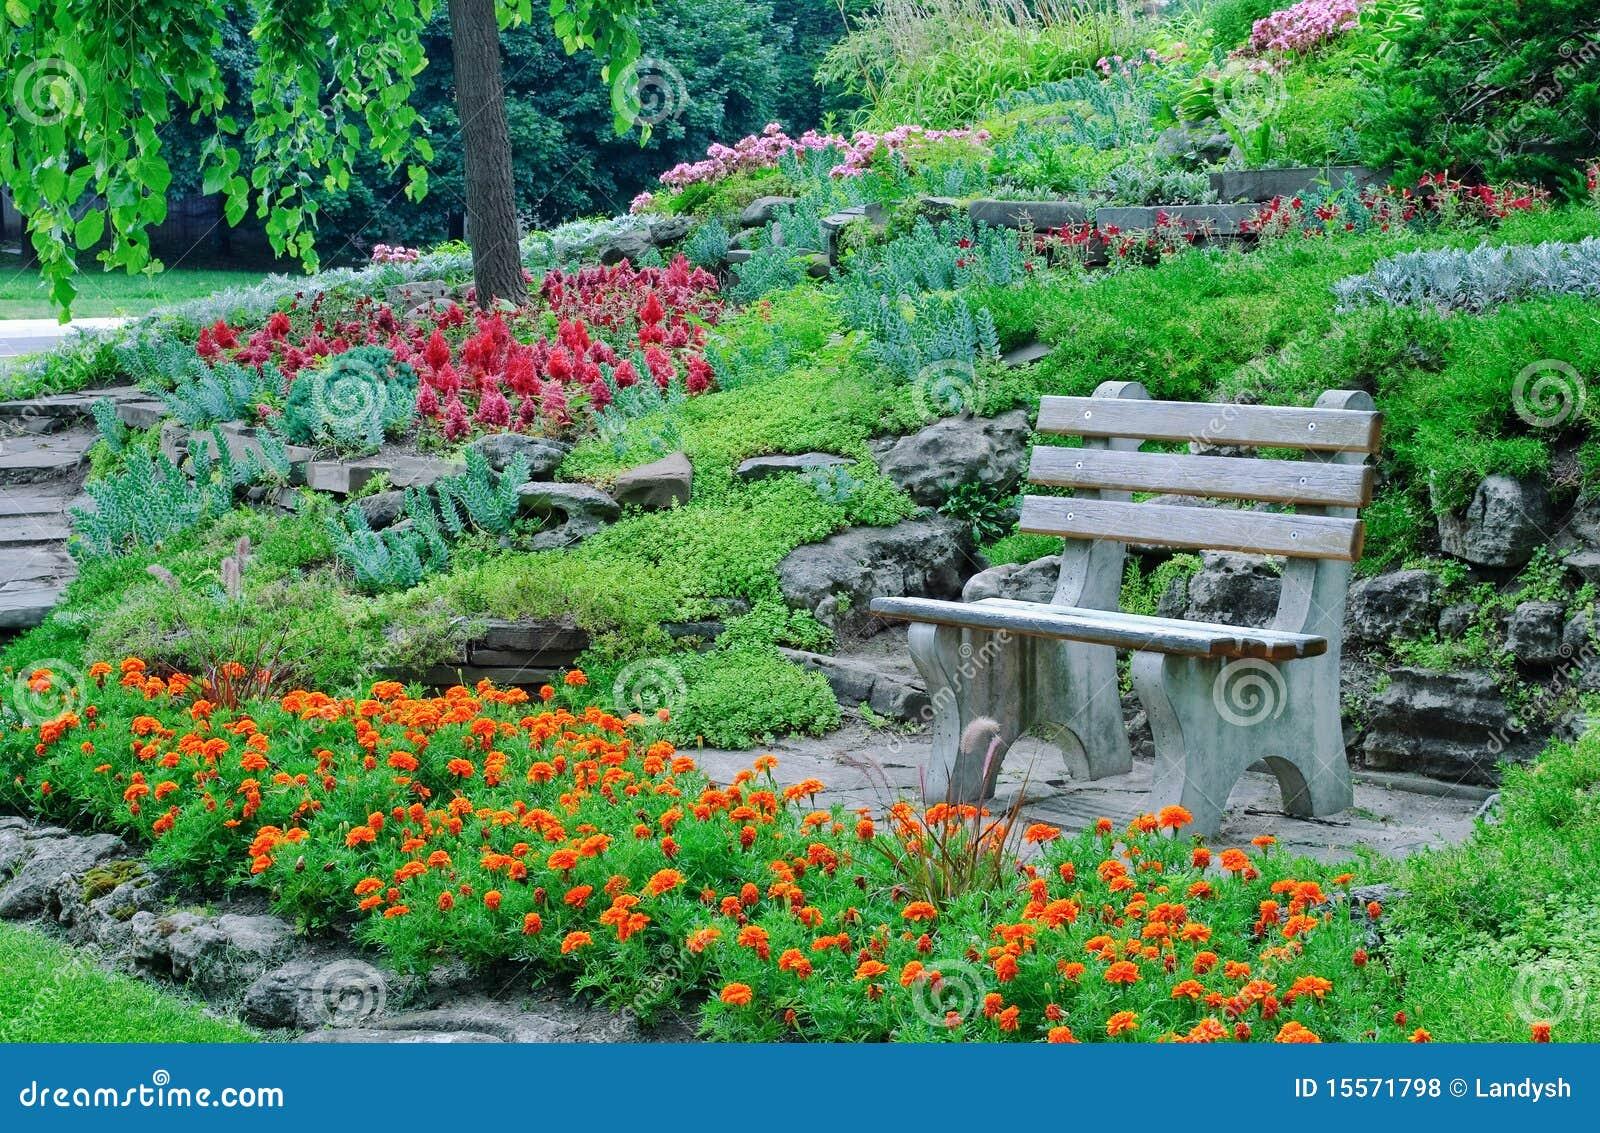 Macizos de flores plantas decorativas en un parque fotos for Plantas ornamentales para parques